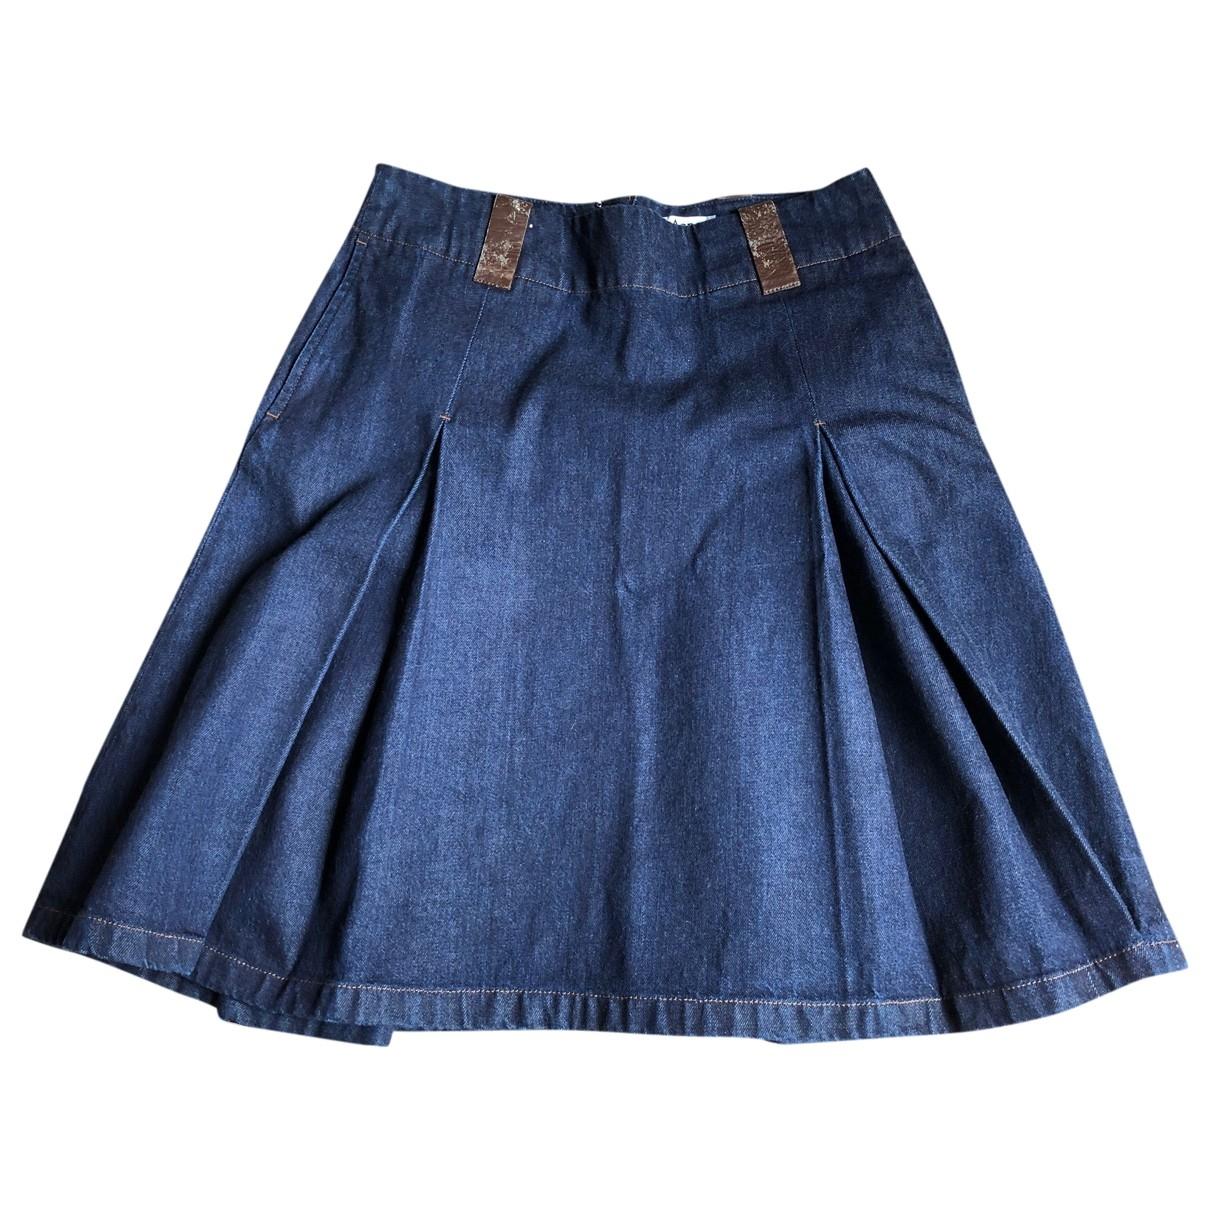 Acne Studios \N Rocke in  Blau Denim - Jeans